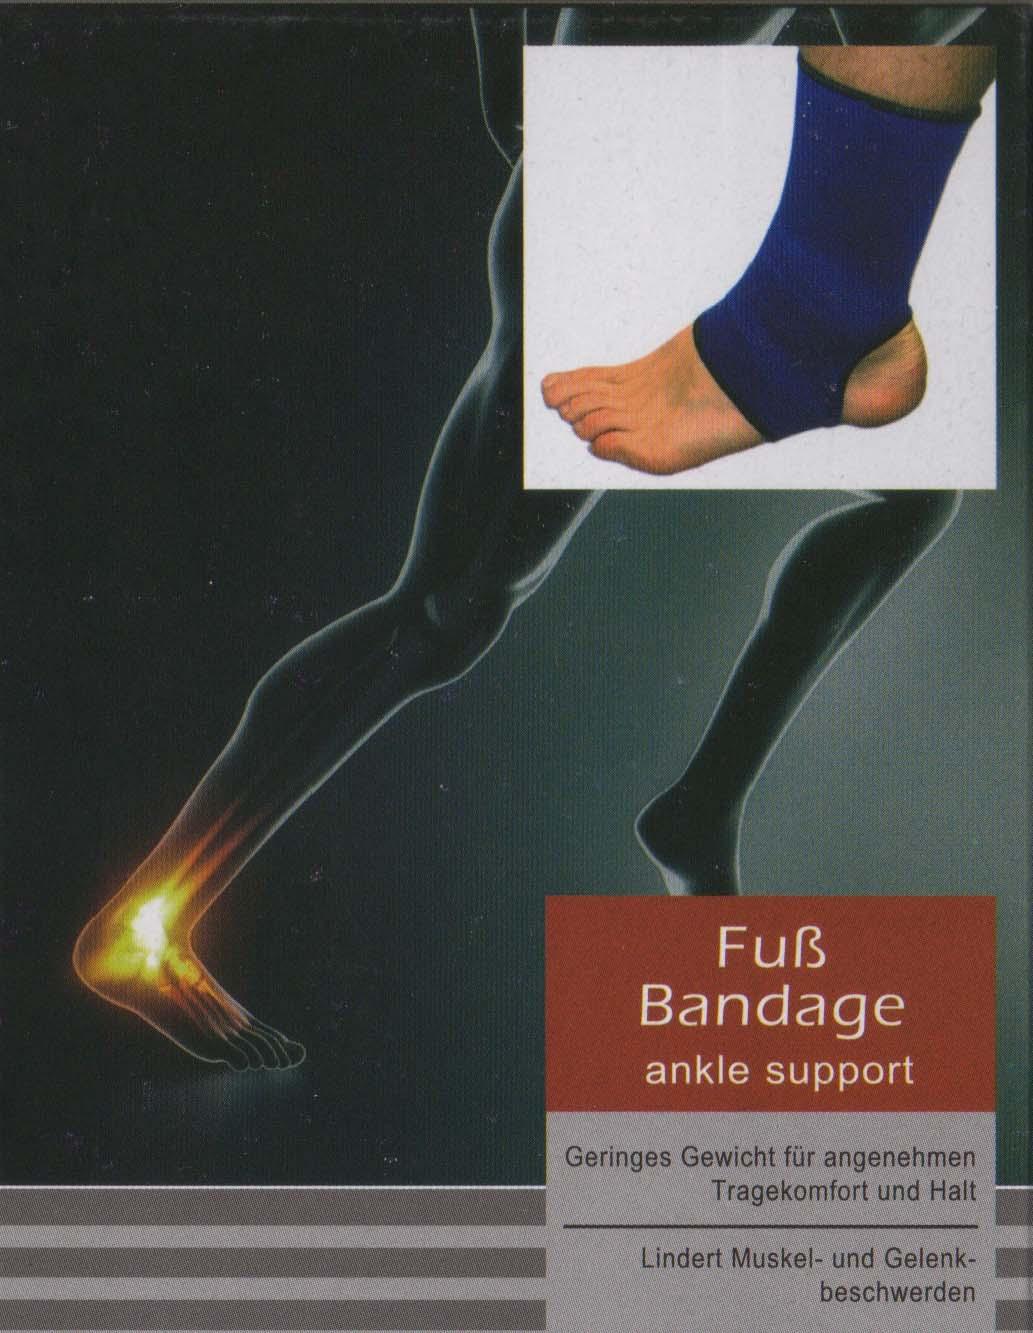 PROFI Fuß Bandage Knöchelstütze Gelenkstütze Gelenk Stützbandage Füße Knöchel